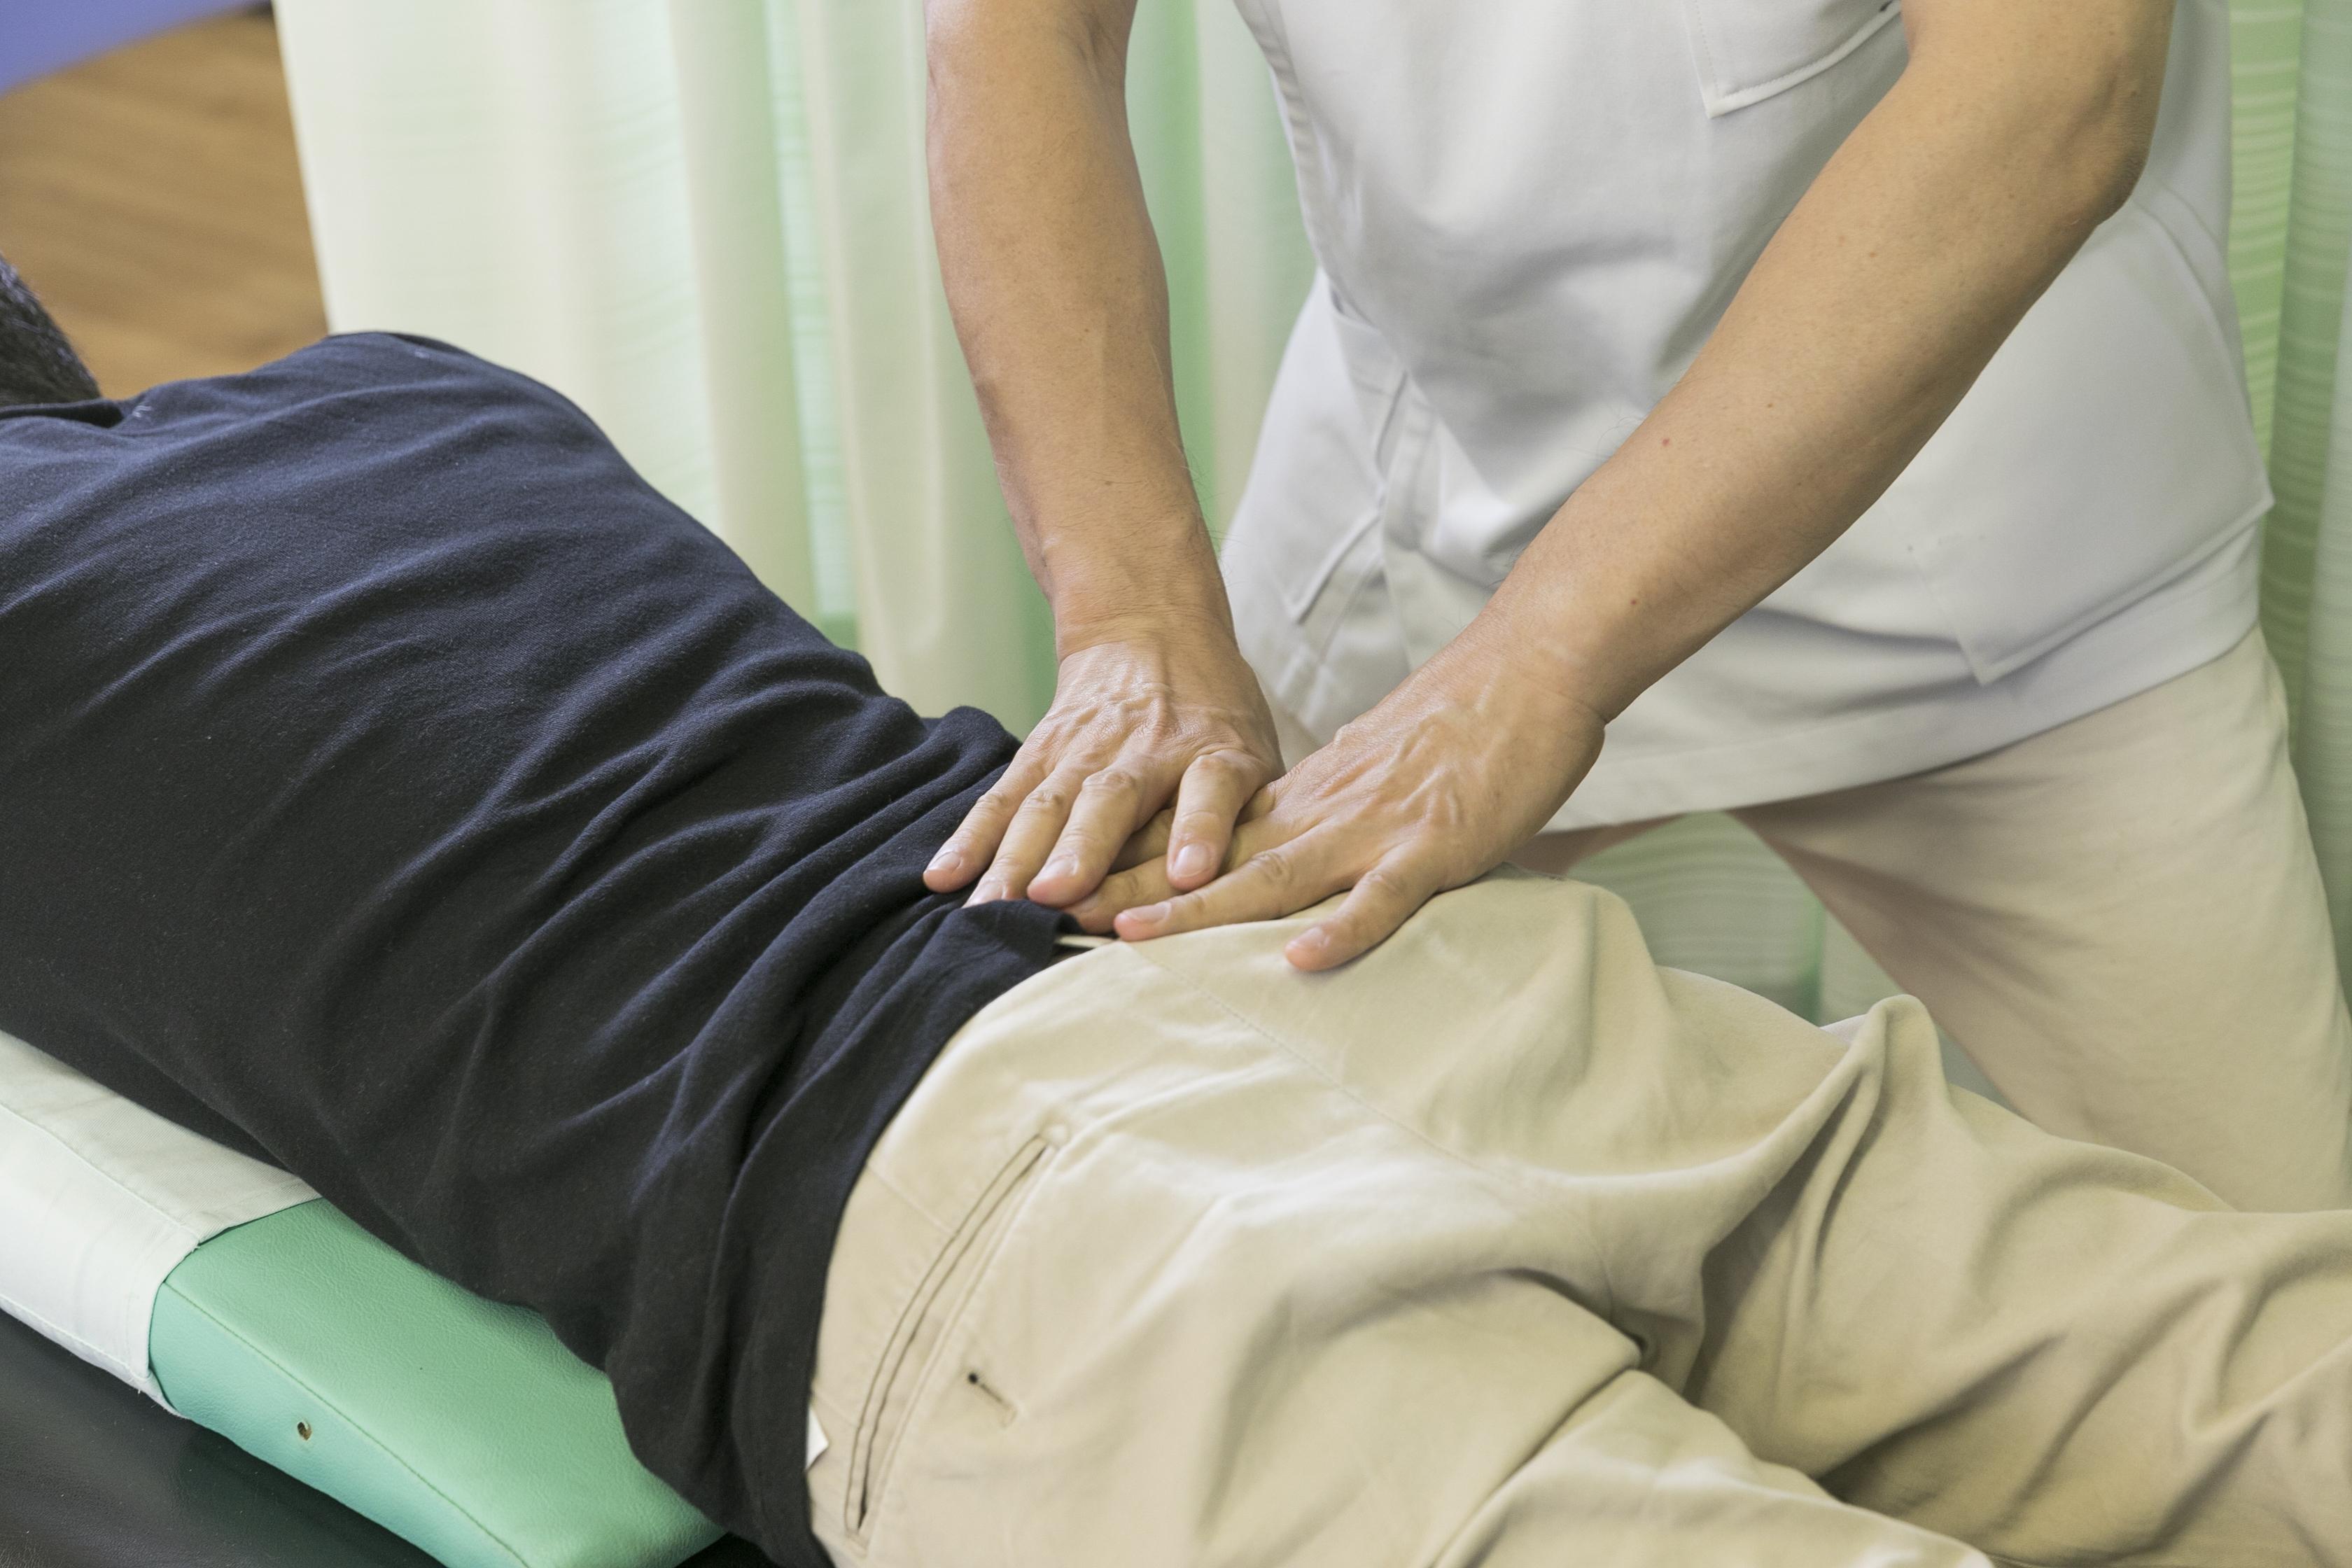 腰痛の原因と対策について 名古屋市東区 天仁接骨院・天仁鍼灸院